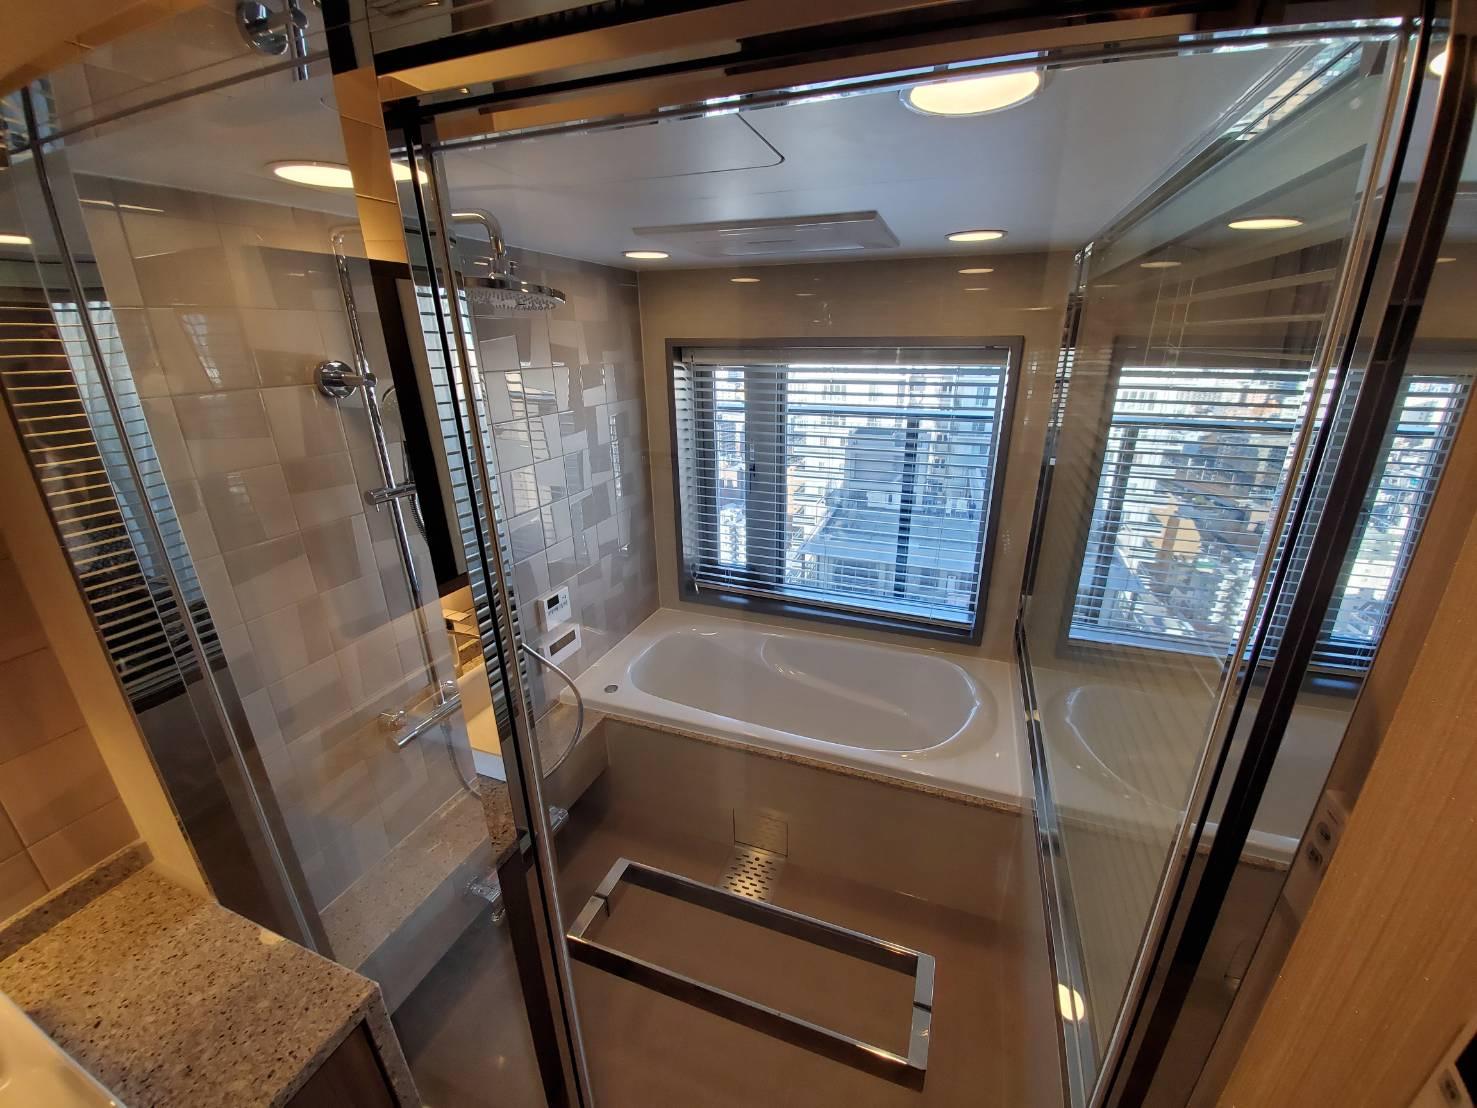 ザ・パークハウス神戸タワーのゲストルームの浴室